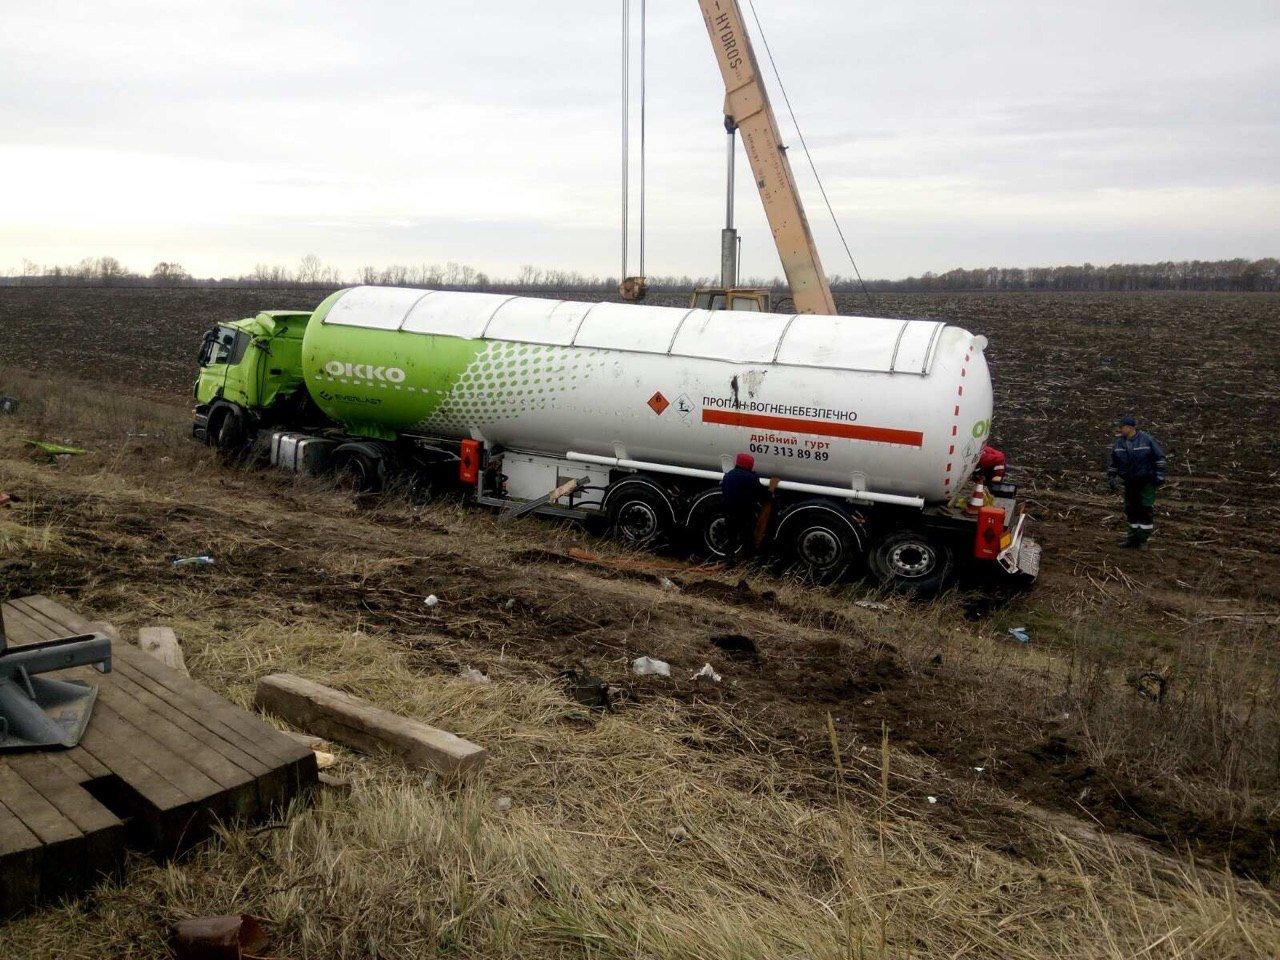 Под Днепром перевернулся газовоз: спасатели доставали его больше суток, - ФОТО, фото-4